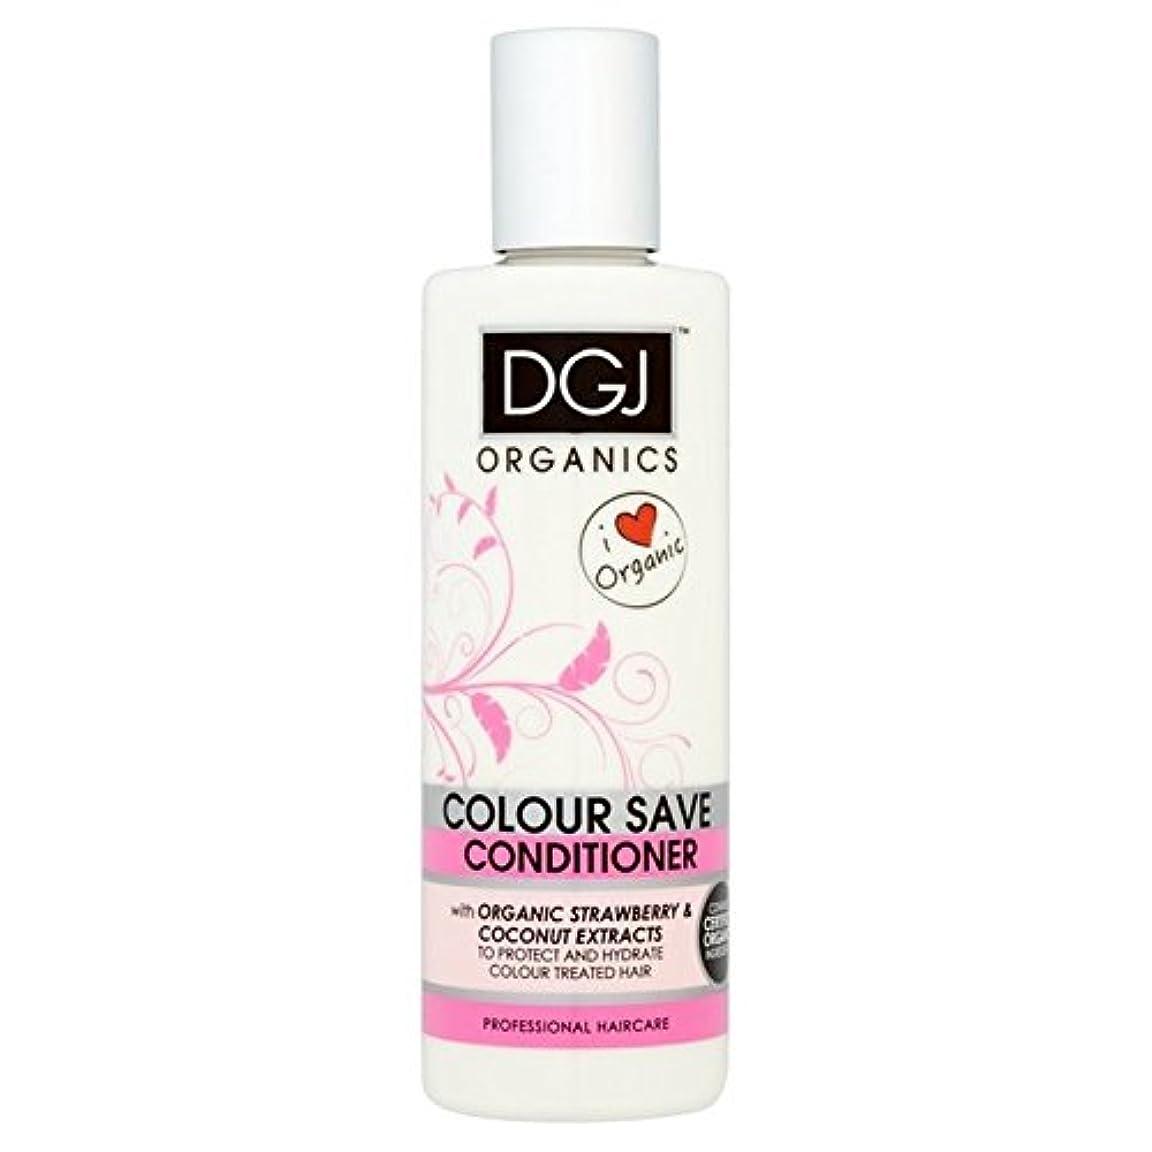 革命に慣れ覗くDGJ Organics Colour Save Conditioner 250ml - 有機物の色コンディショナー250を保存 [並行輸入品]